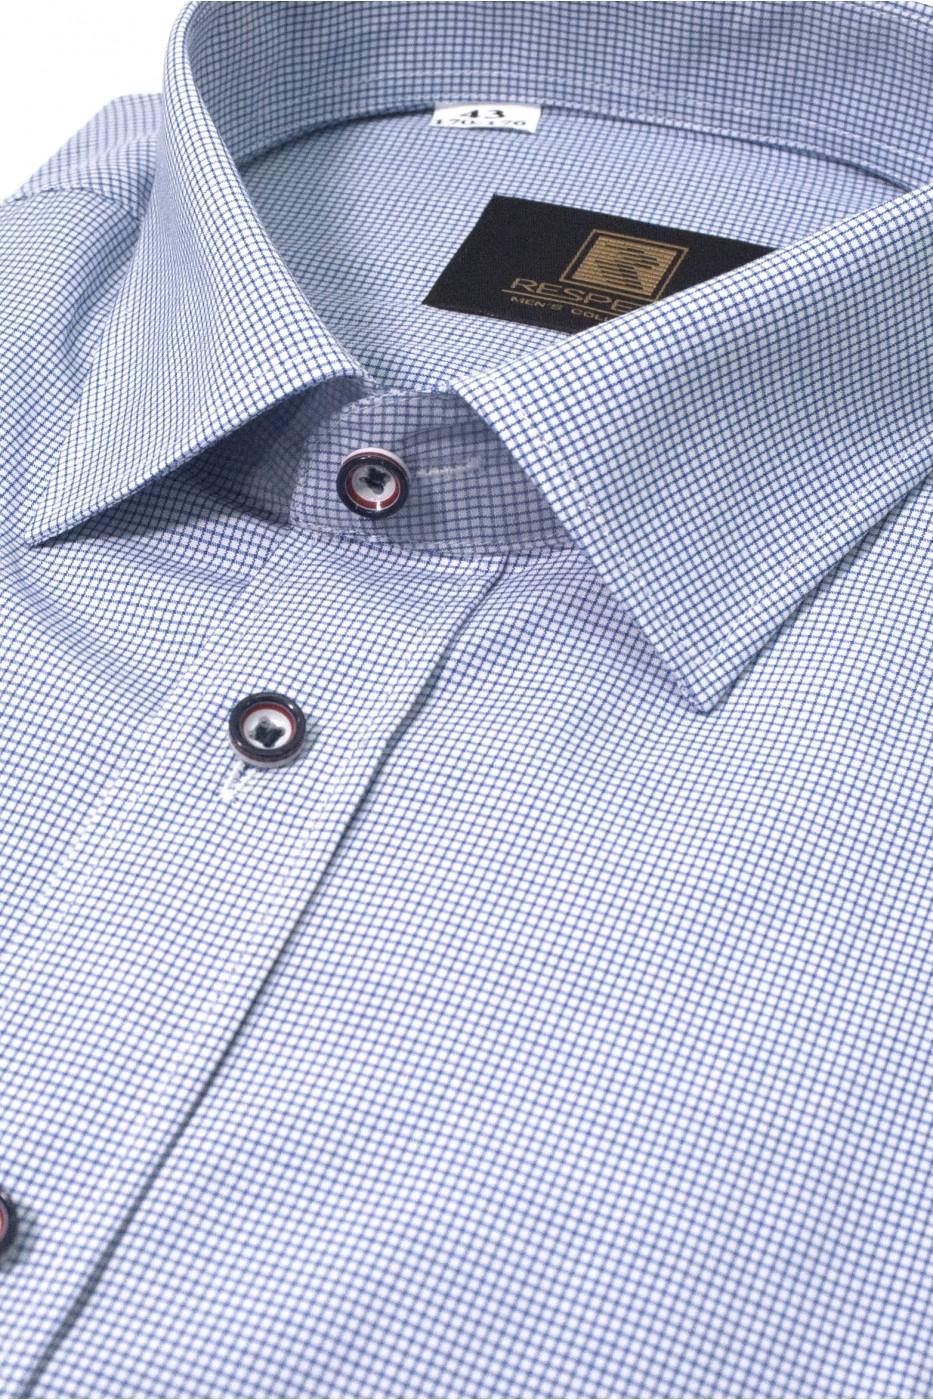 Синяя мужская рубашка в голубую клетку с коротким рукавом КР 318 (54-07)